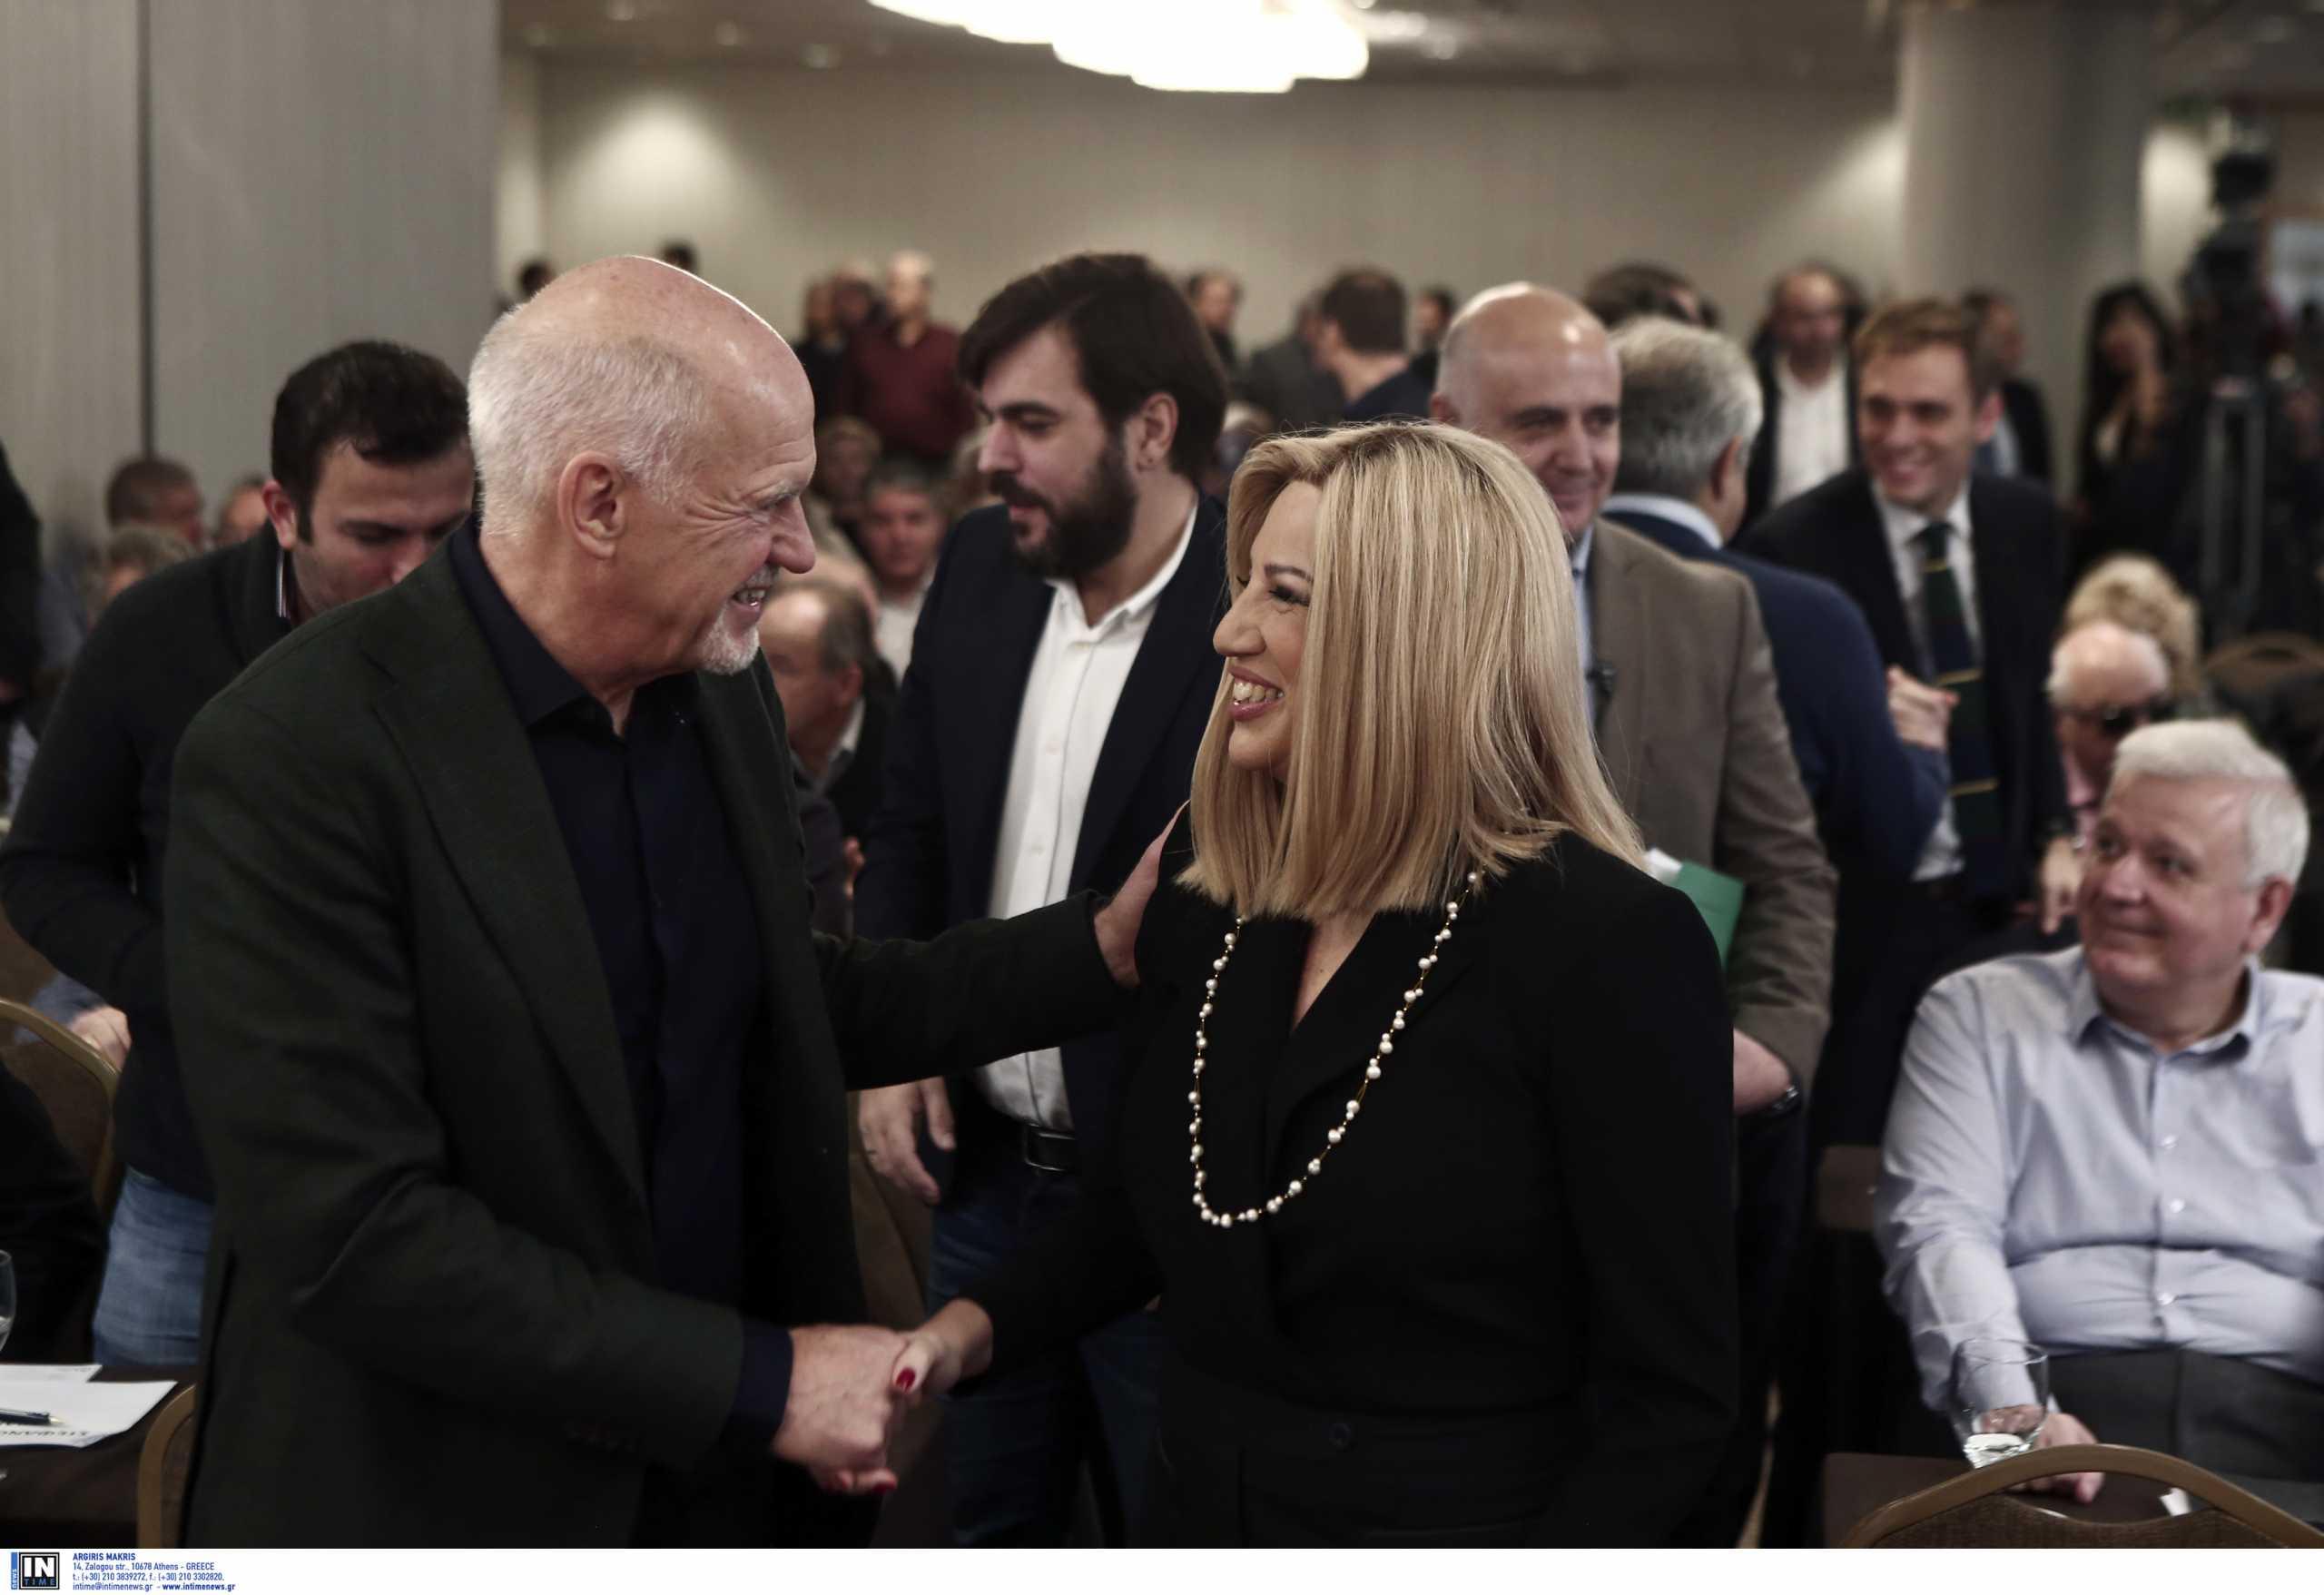 Υποψήφιος ο Γιώργος Παπανδρέου-Αλλάζει το πολιτικό σκηνικό στο ΚΙΝΑΛ